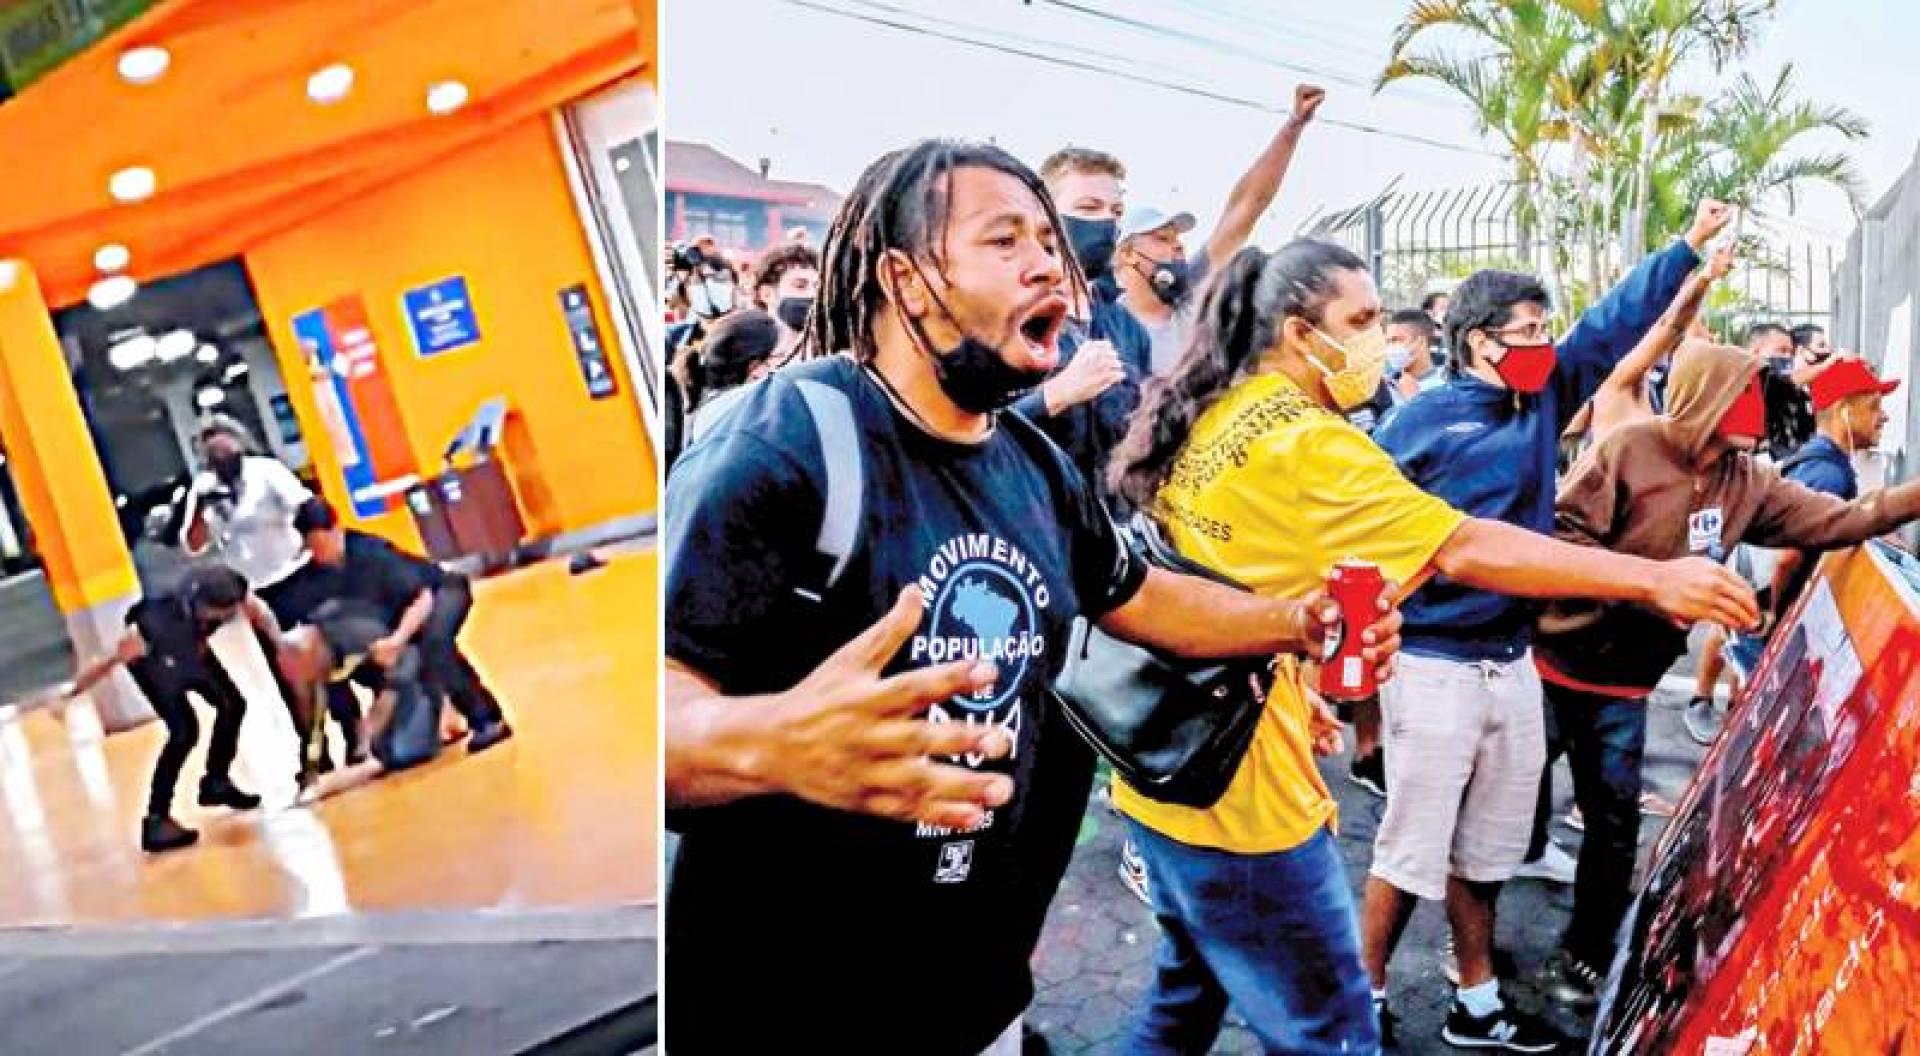 احتجاجات في ريو غراندي دو سول  البرازيل على مقتل الرجل الأسمر جواو فريتاس - صورة تُظهر ضرب الحارسينِ الضحيةَ